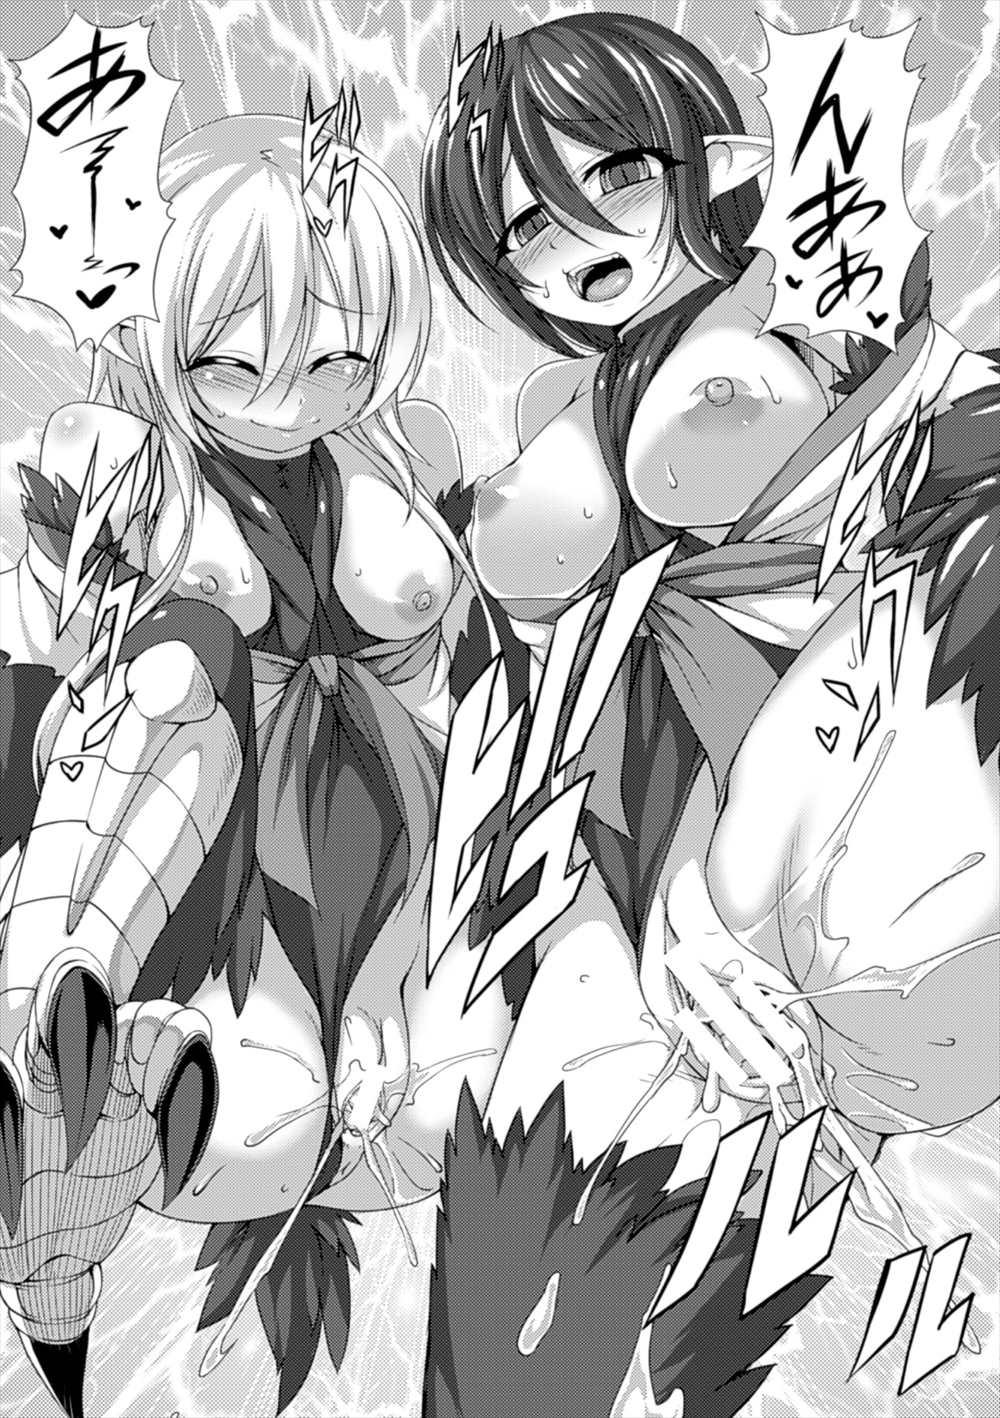 【エロ漫画】300人殺した犯罪者が天狗の生贄にされてしまい精液搾取逆レイプされる…